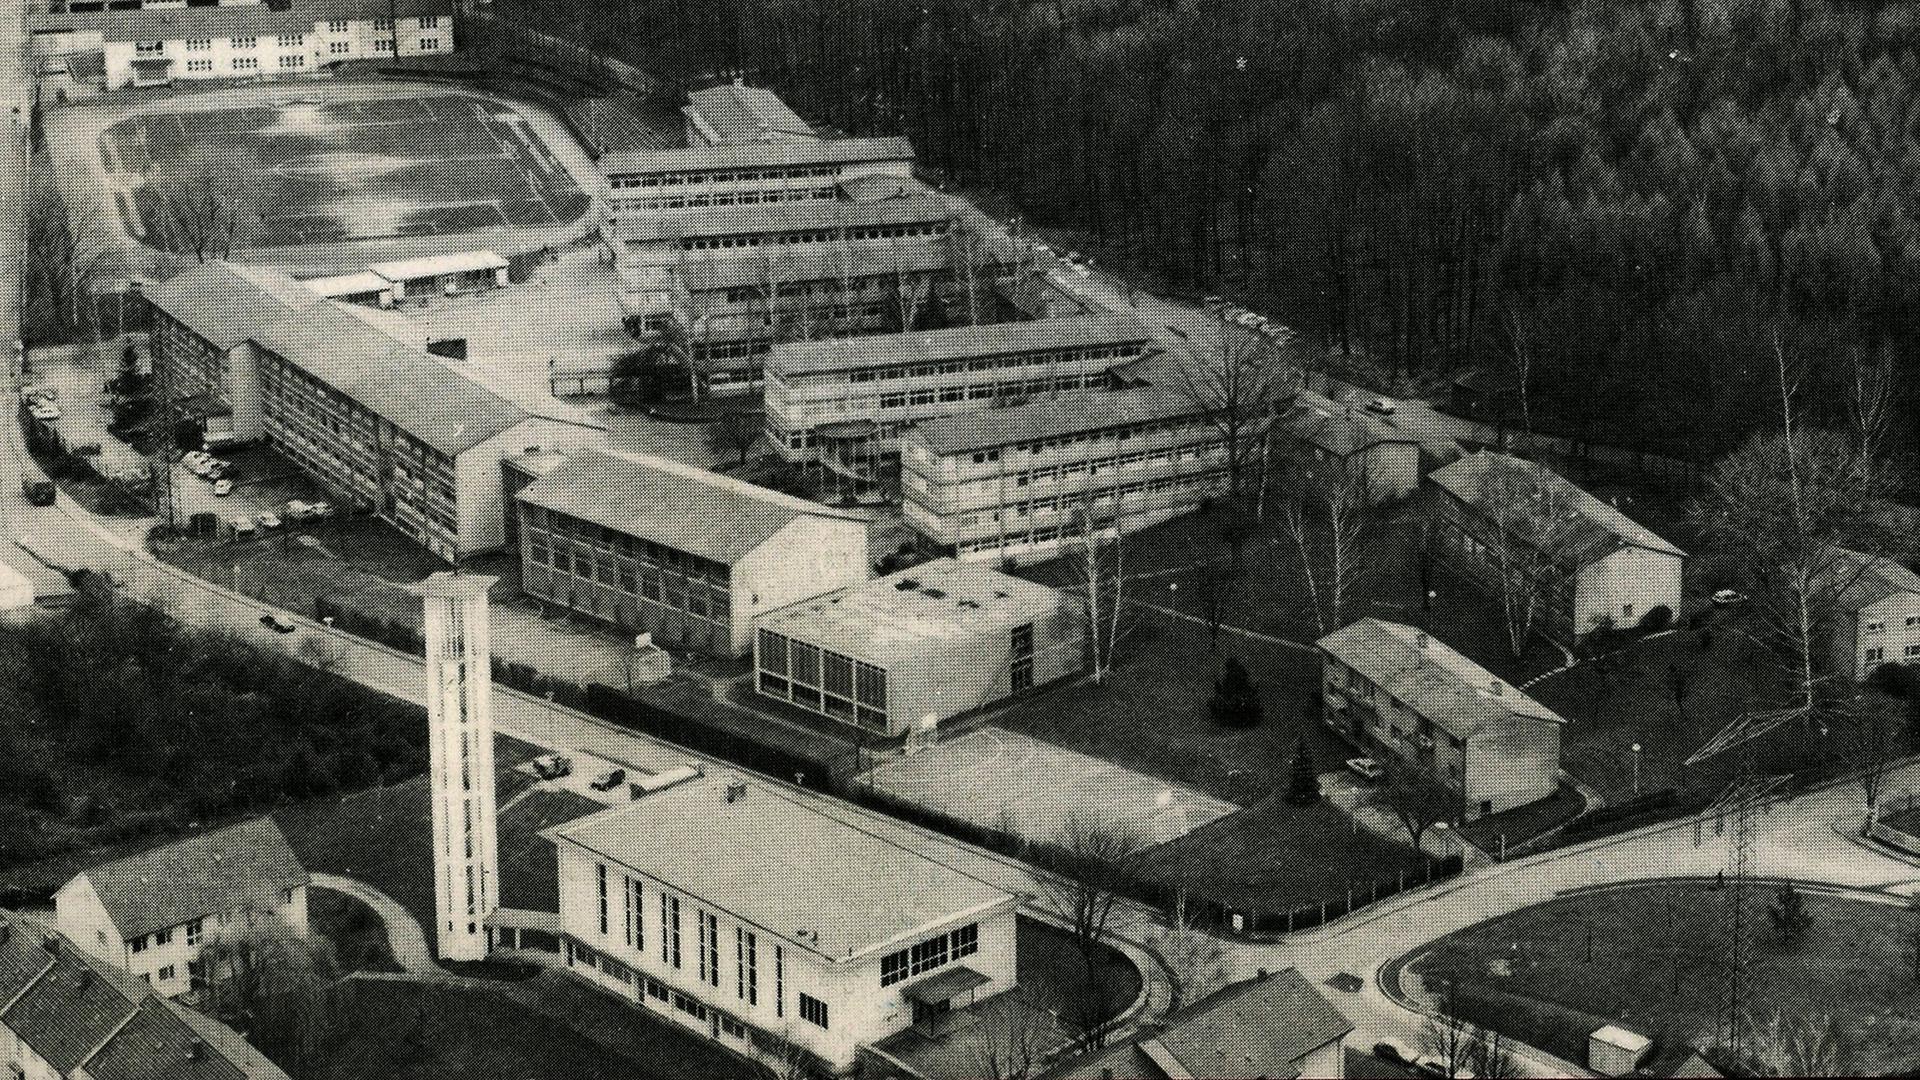 In der Cité ist in den 50-er Jahren das Lycée Charles de Gaulle gebaut worden. Vorher fand der Unterricht im heutigen Markgraf-Ludwig Gymnasium statt.